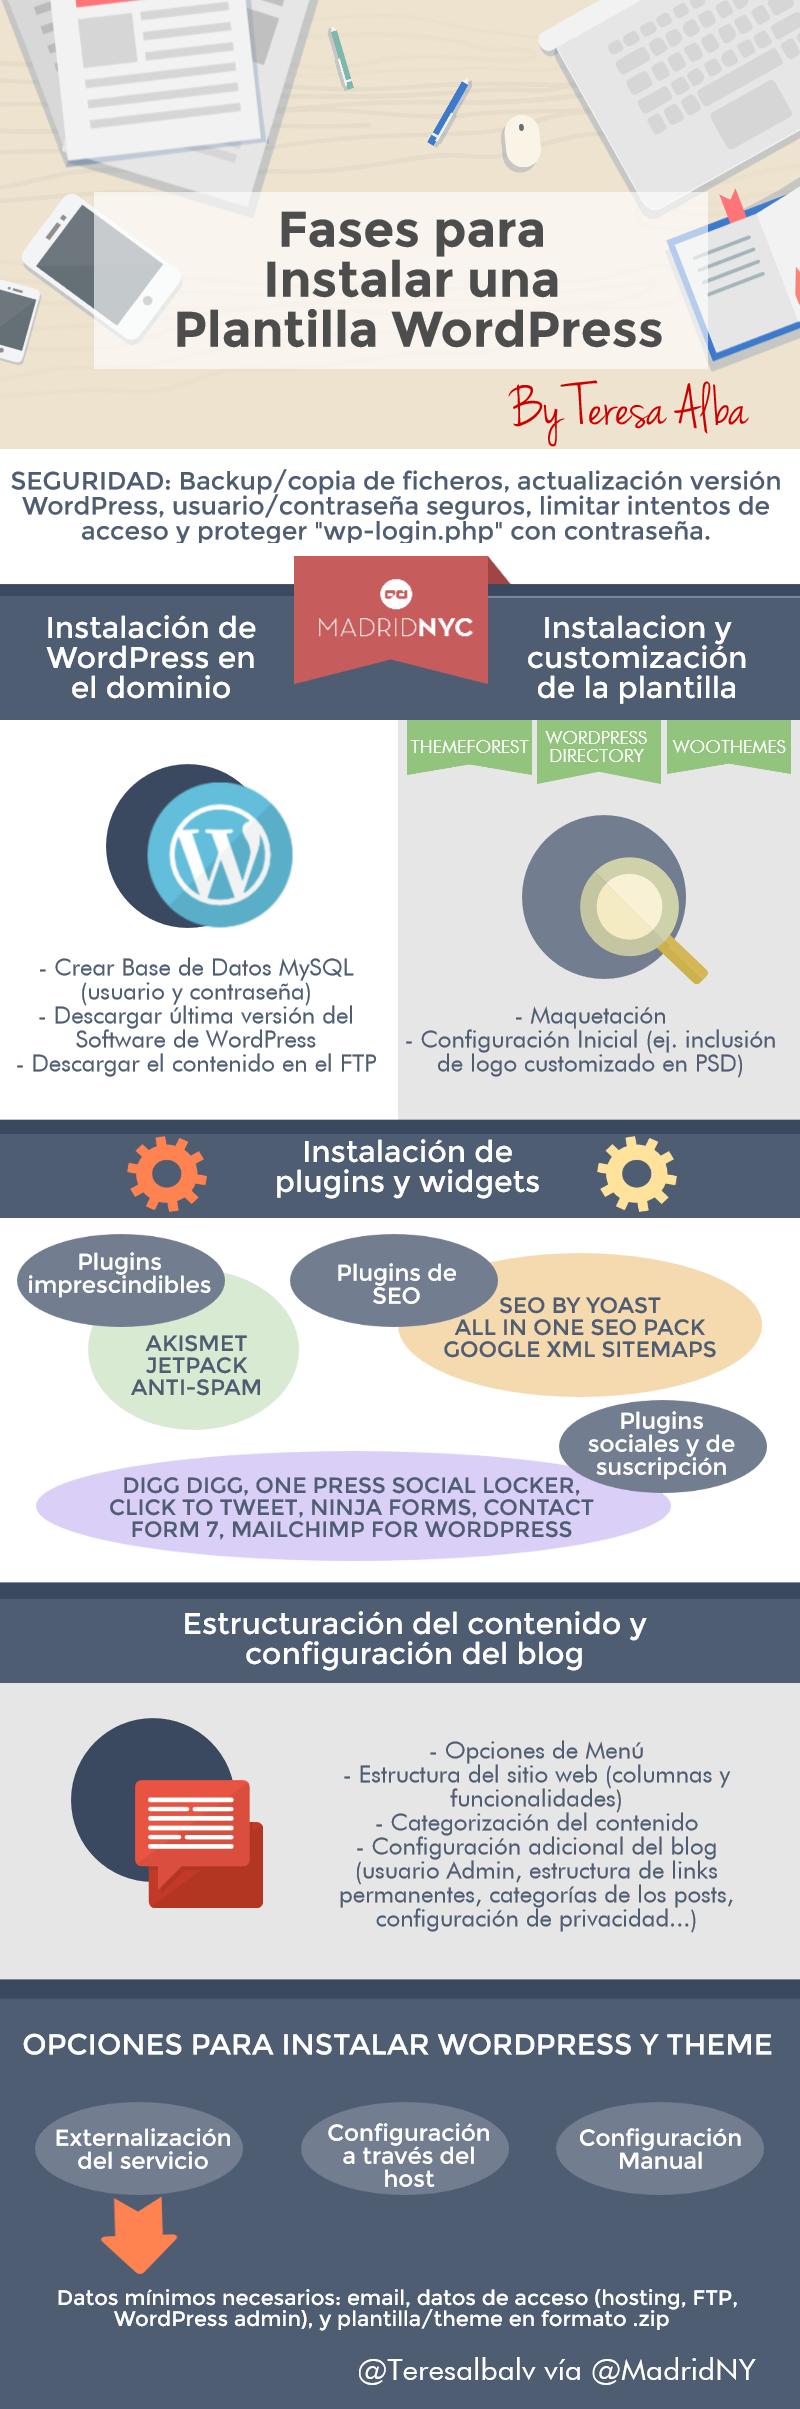 Fases para instalar una plantilla de WordPress